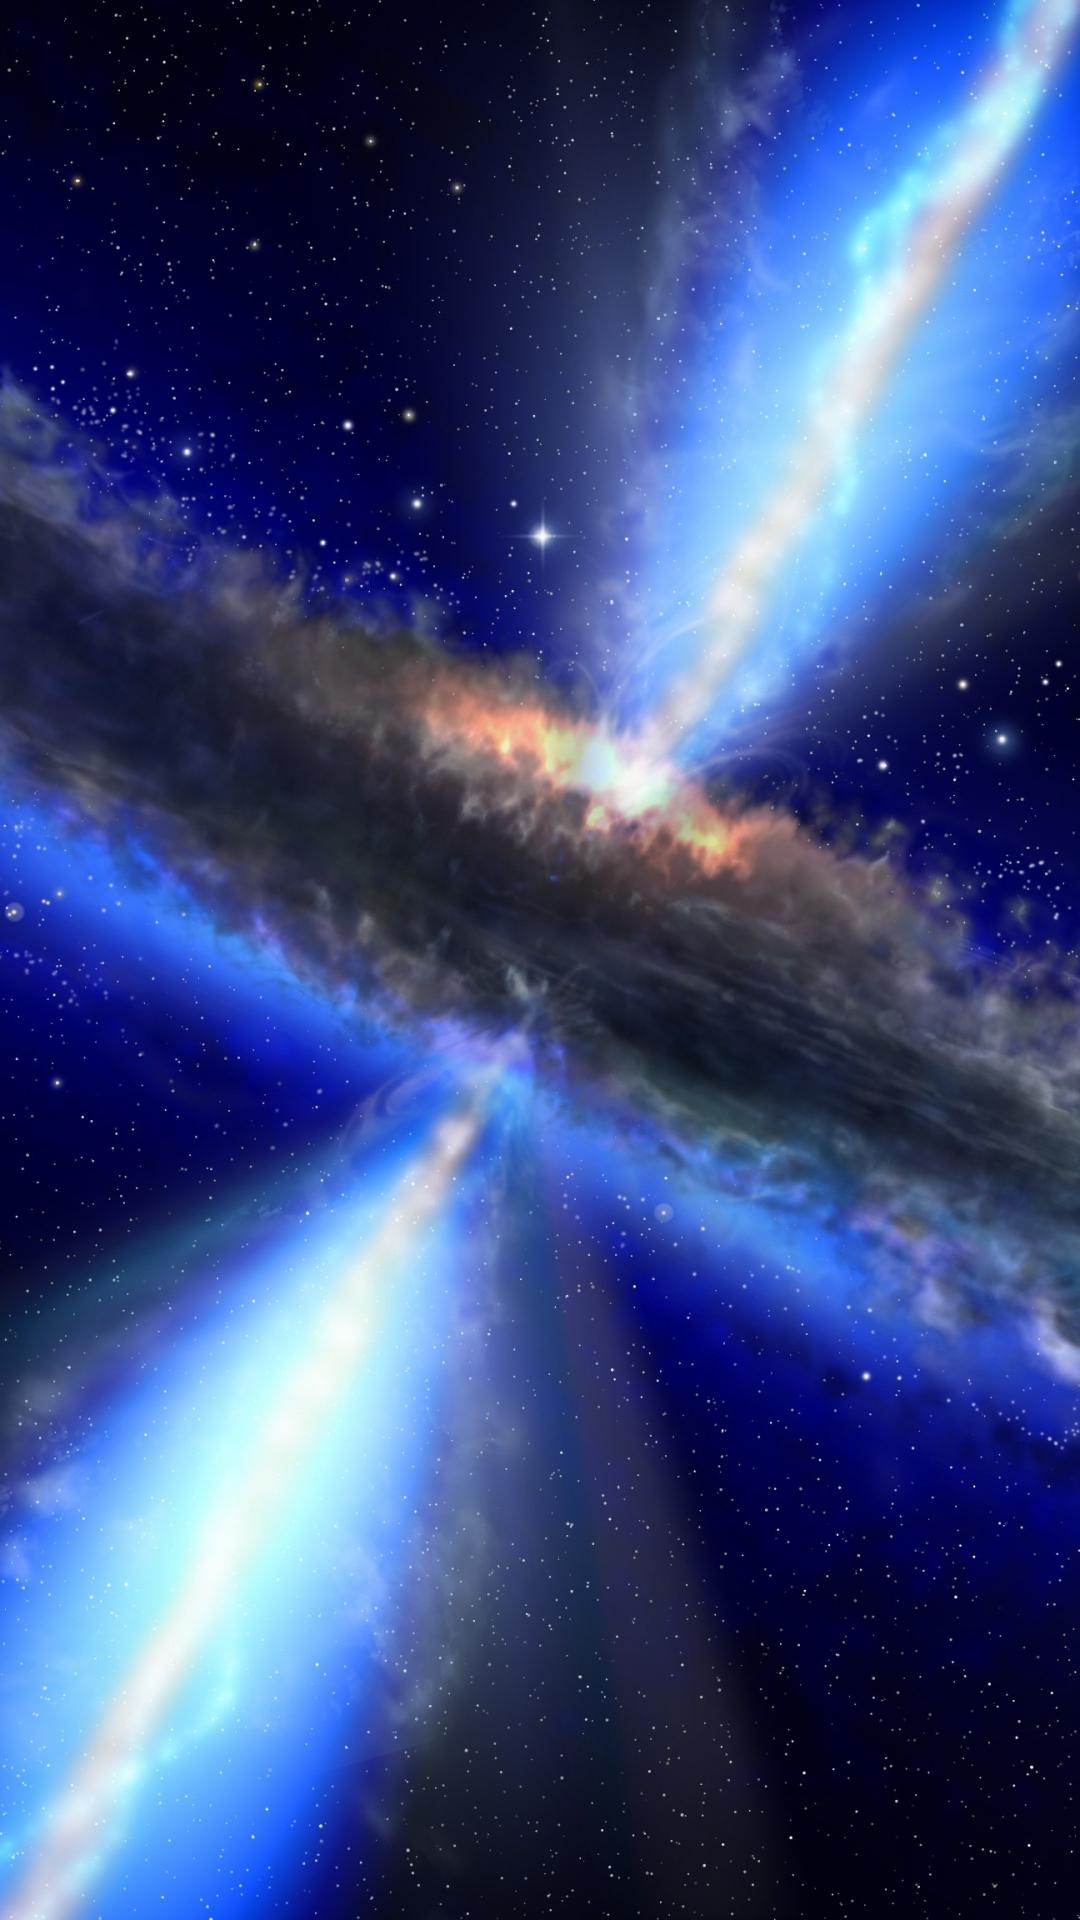 1080x1920 quasar